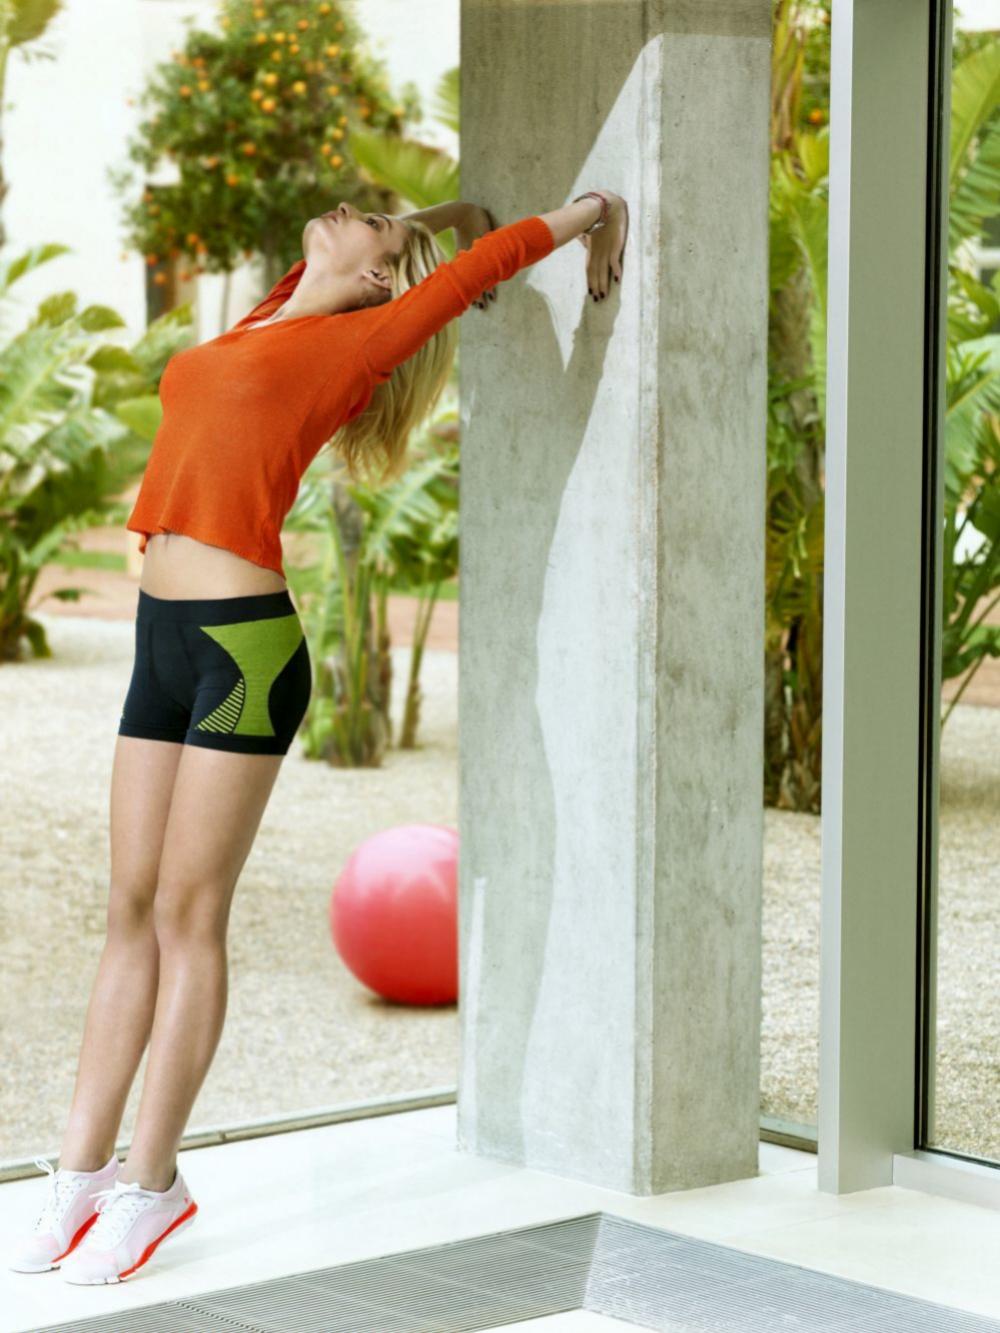 Adapta tu ejercicio al trimestre del embarazo en el que te encuentres.